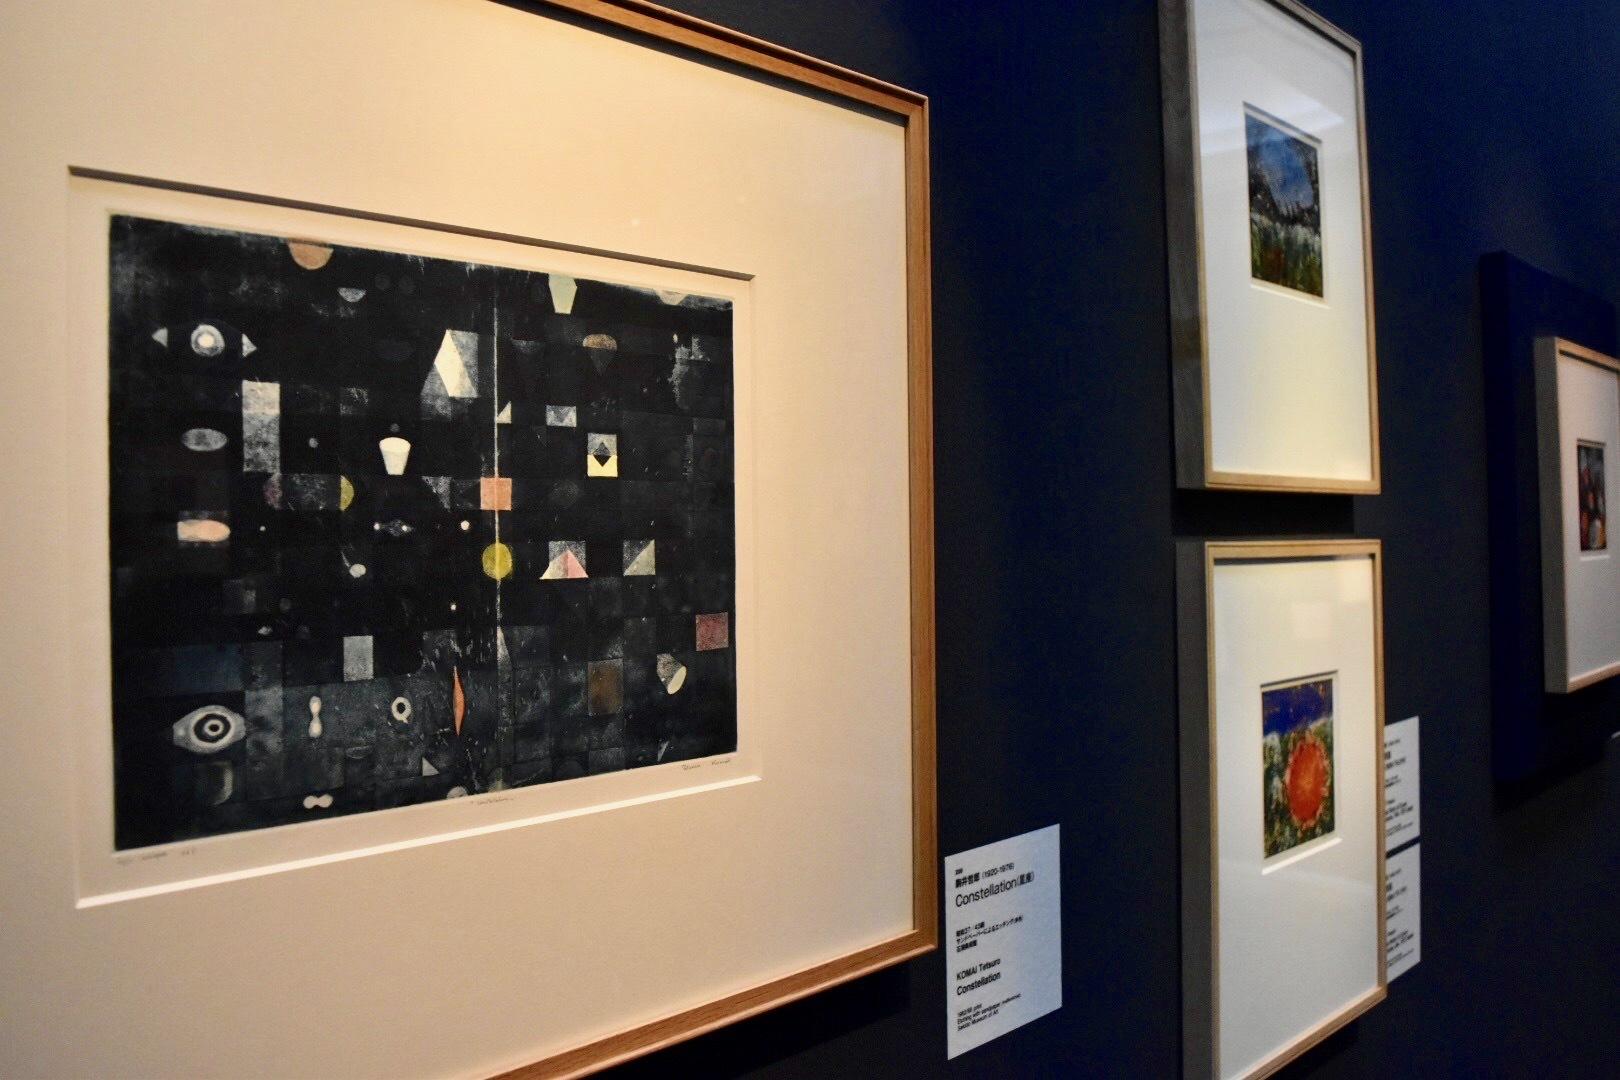 《Constellation(星座)》 駒井哲郎 昭和37年 石洞美術館蔵